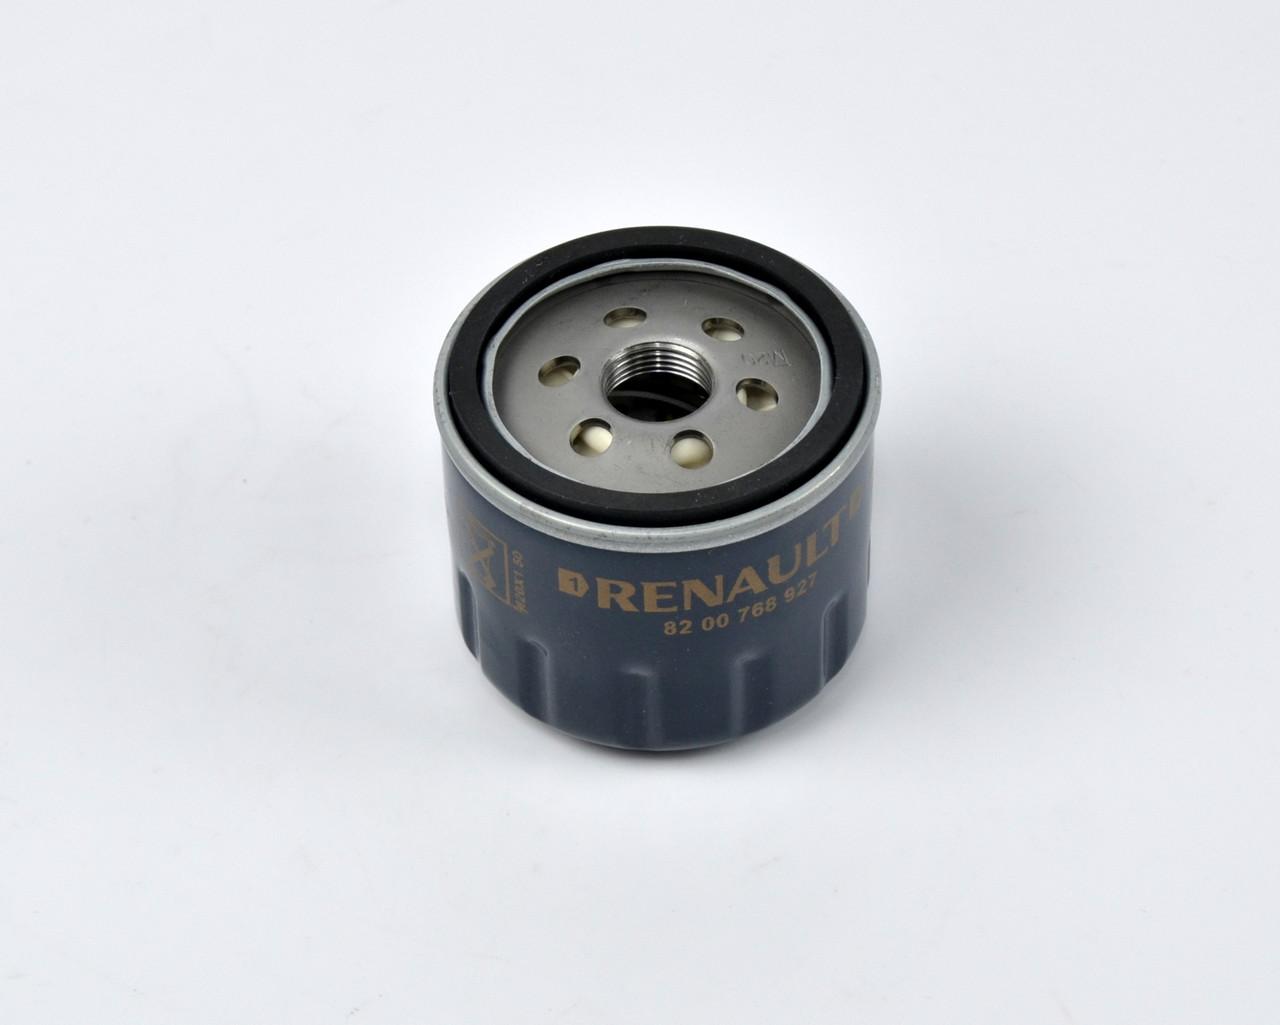 Фільтр масла на Renault Megane III - Renault (Оригінал) - 8200768927